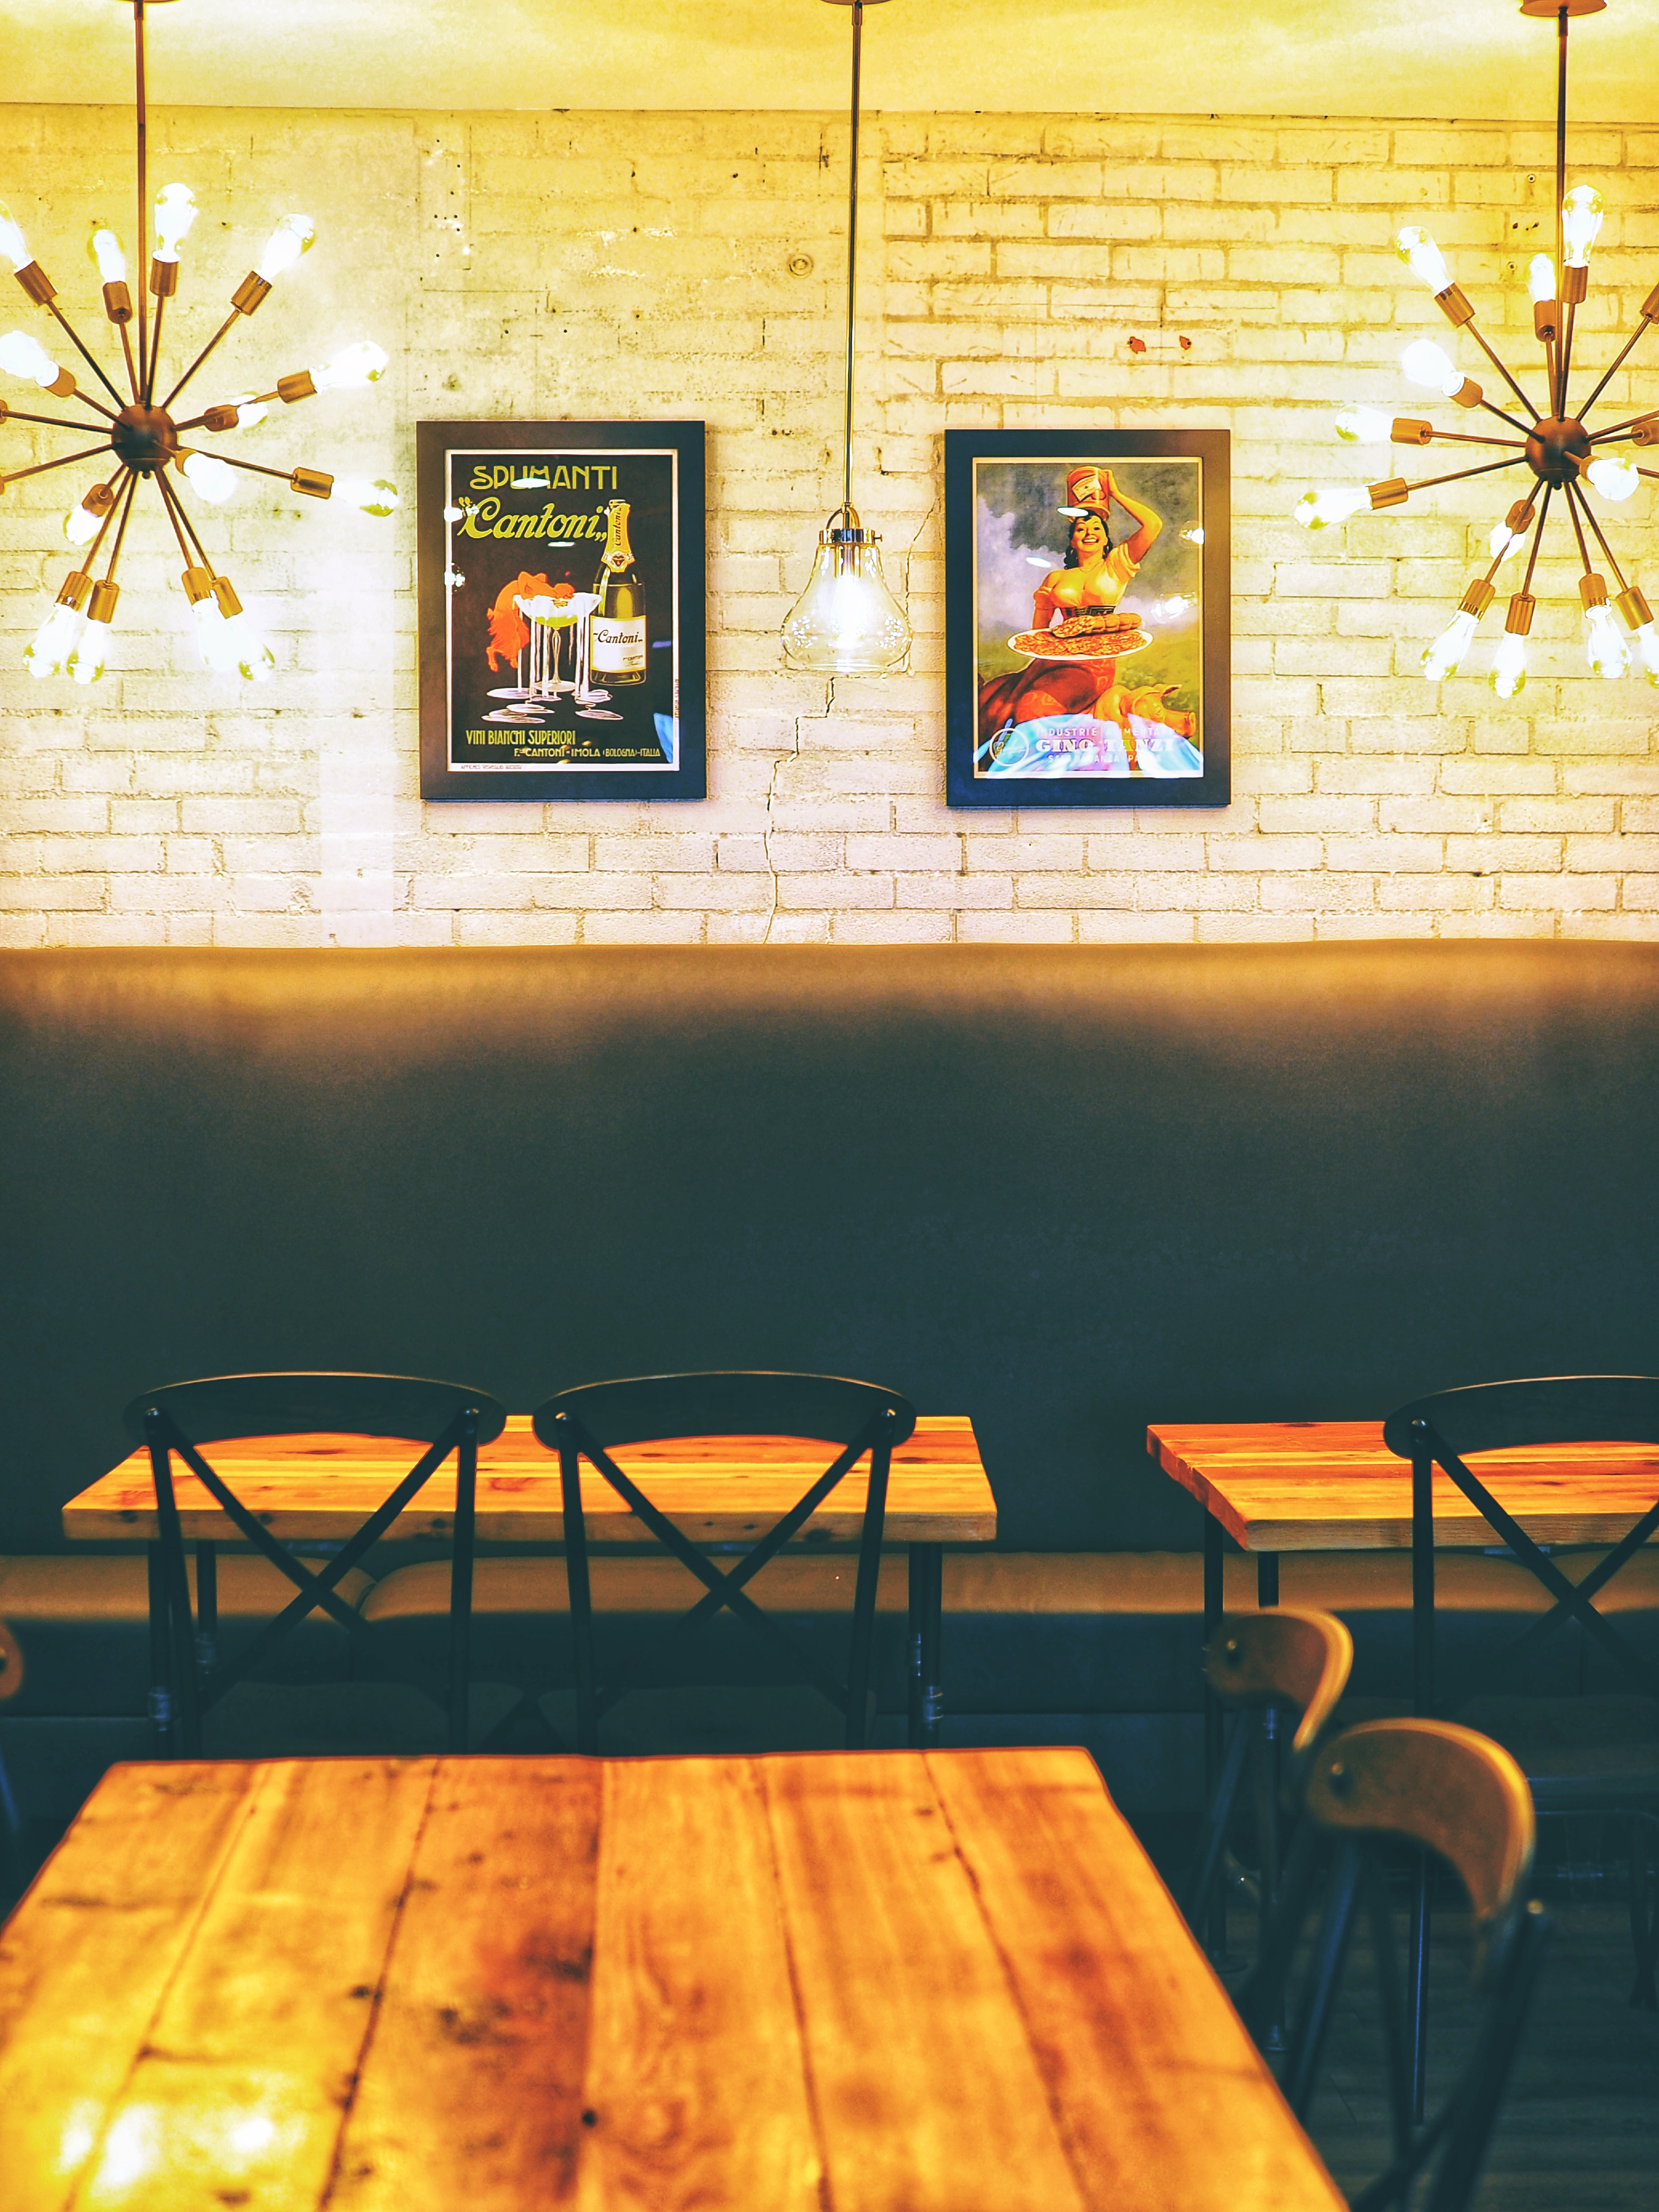 First Bites At Sette New Italian Restaurant Opens By Se7en